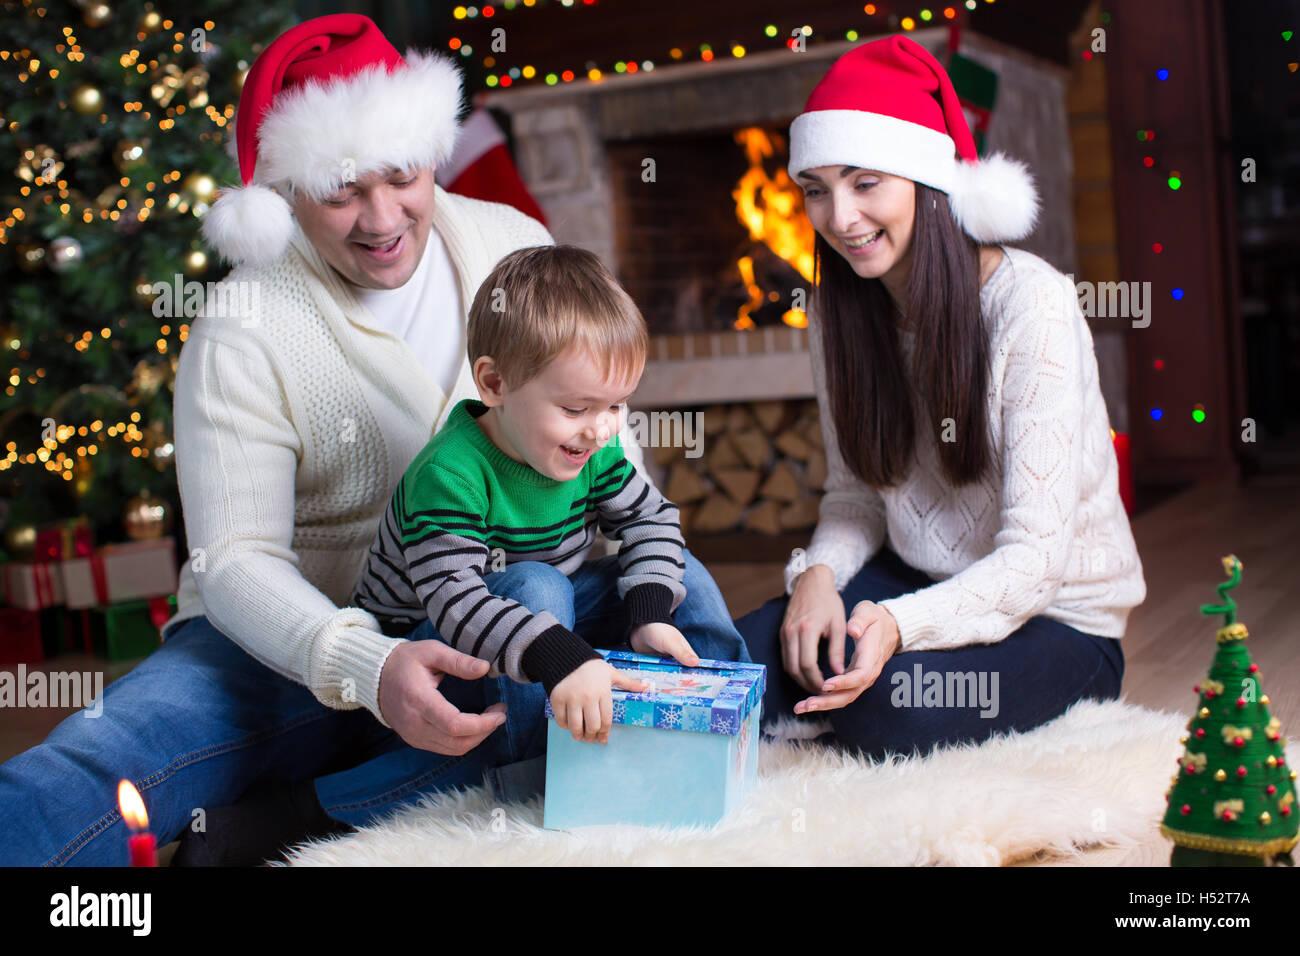 Urlaub, Geschenke, Weihnachten Konzept - glückliche Familie - Mutter ...